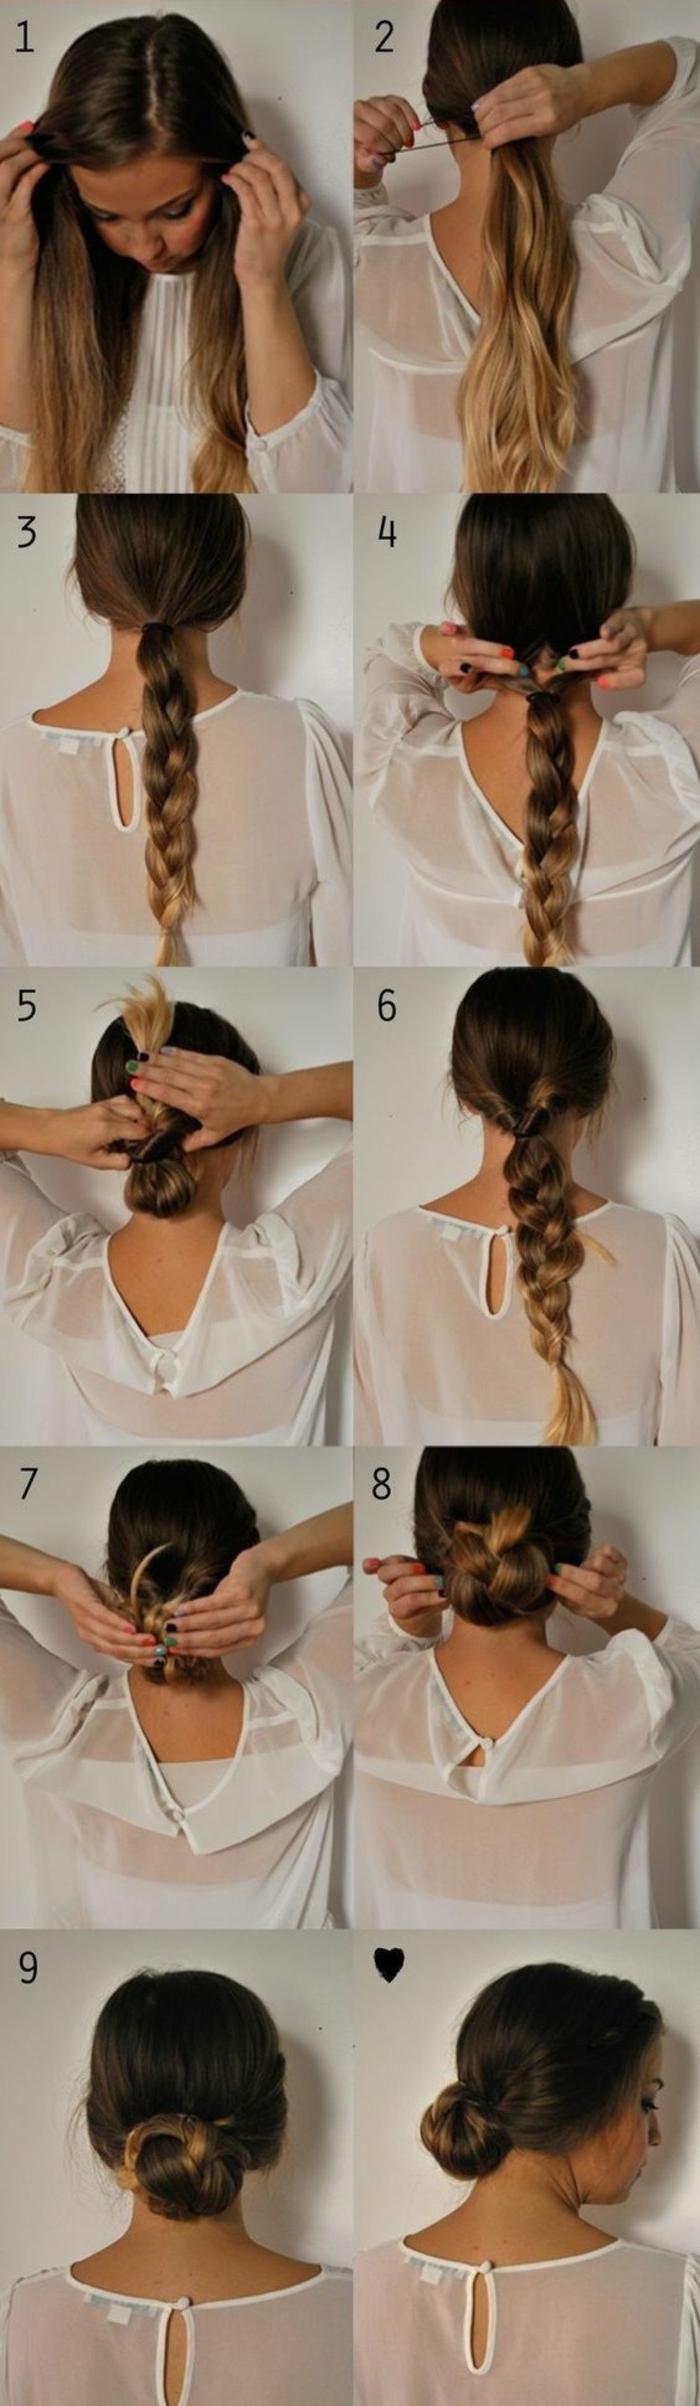 coiffure-avec-tresse-tuto-tres-utile-pour-une-coiffure-facile-et-mignonne